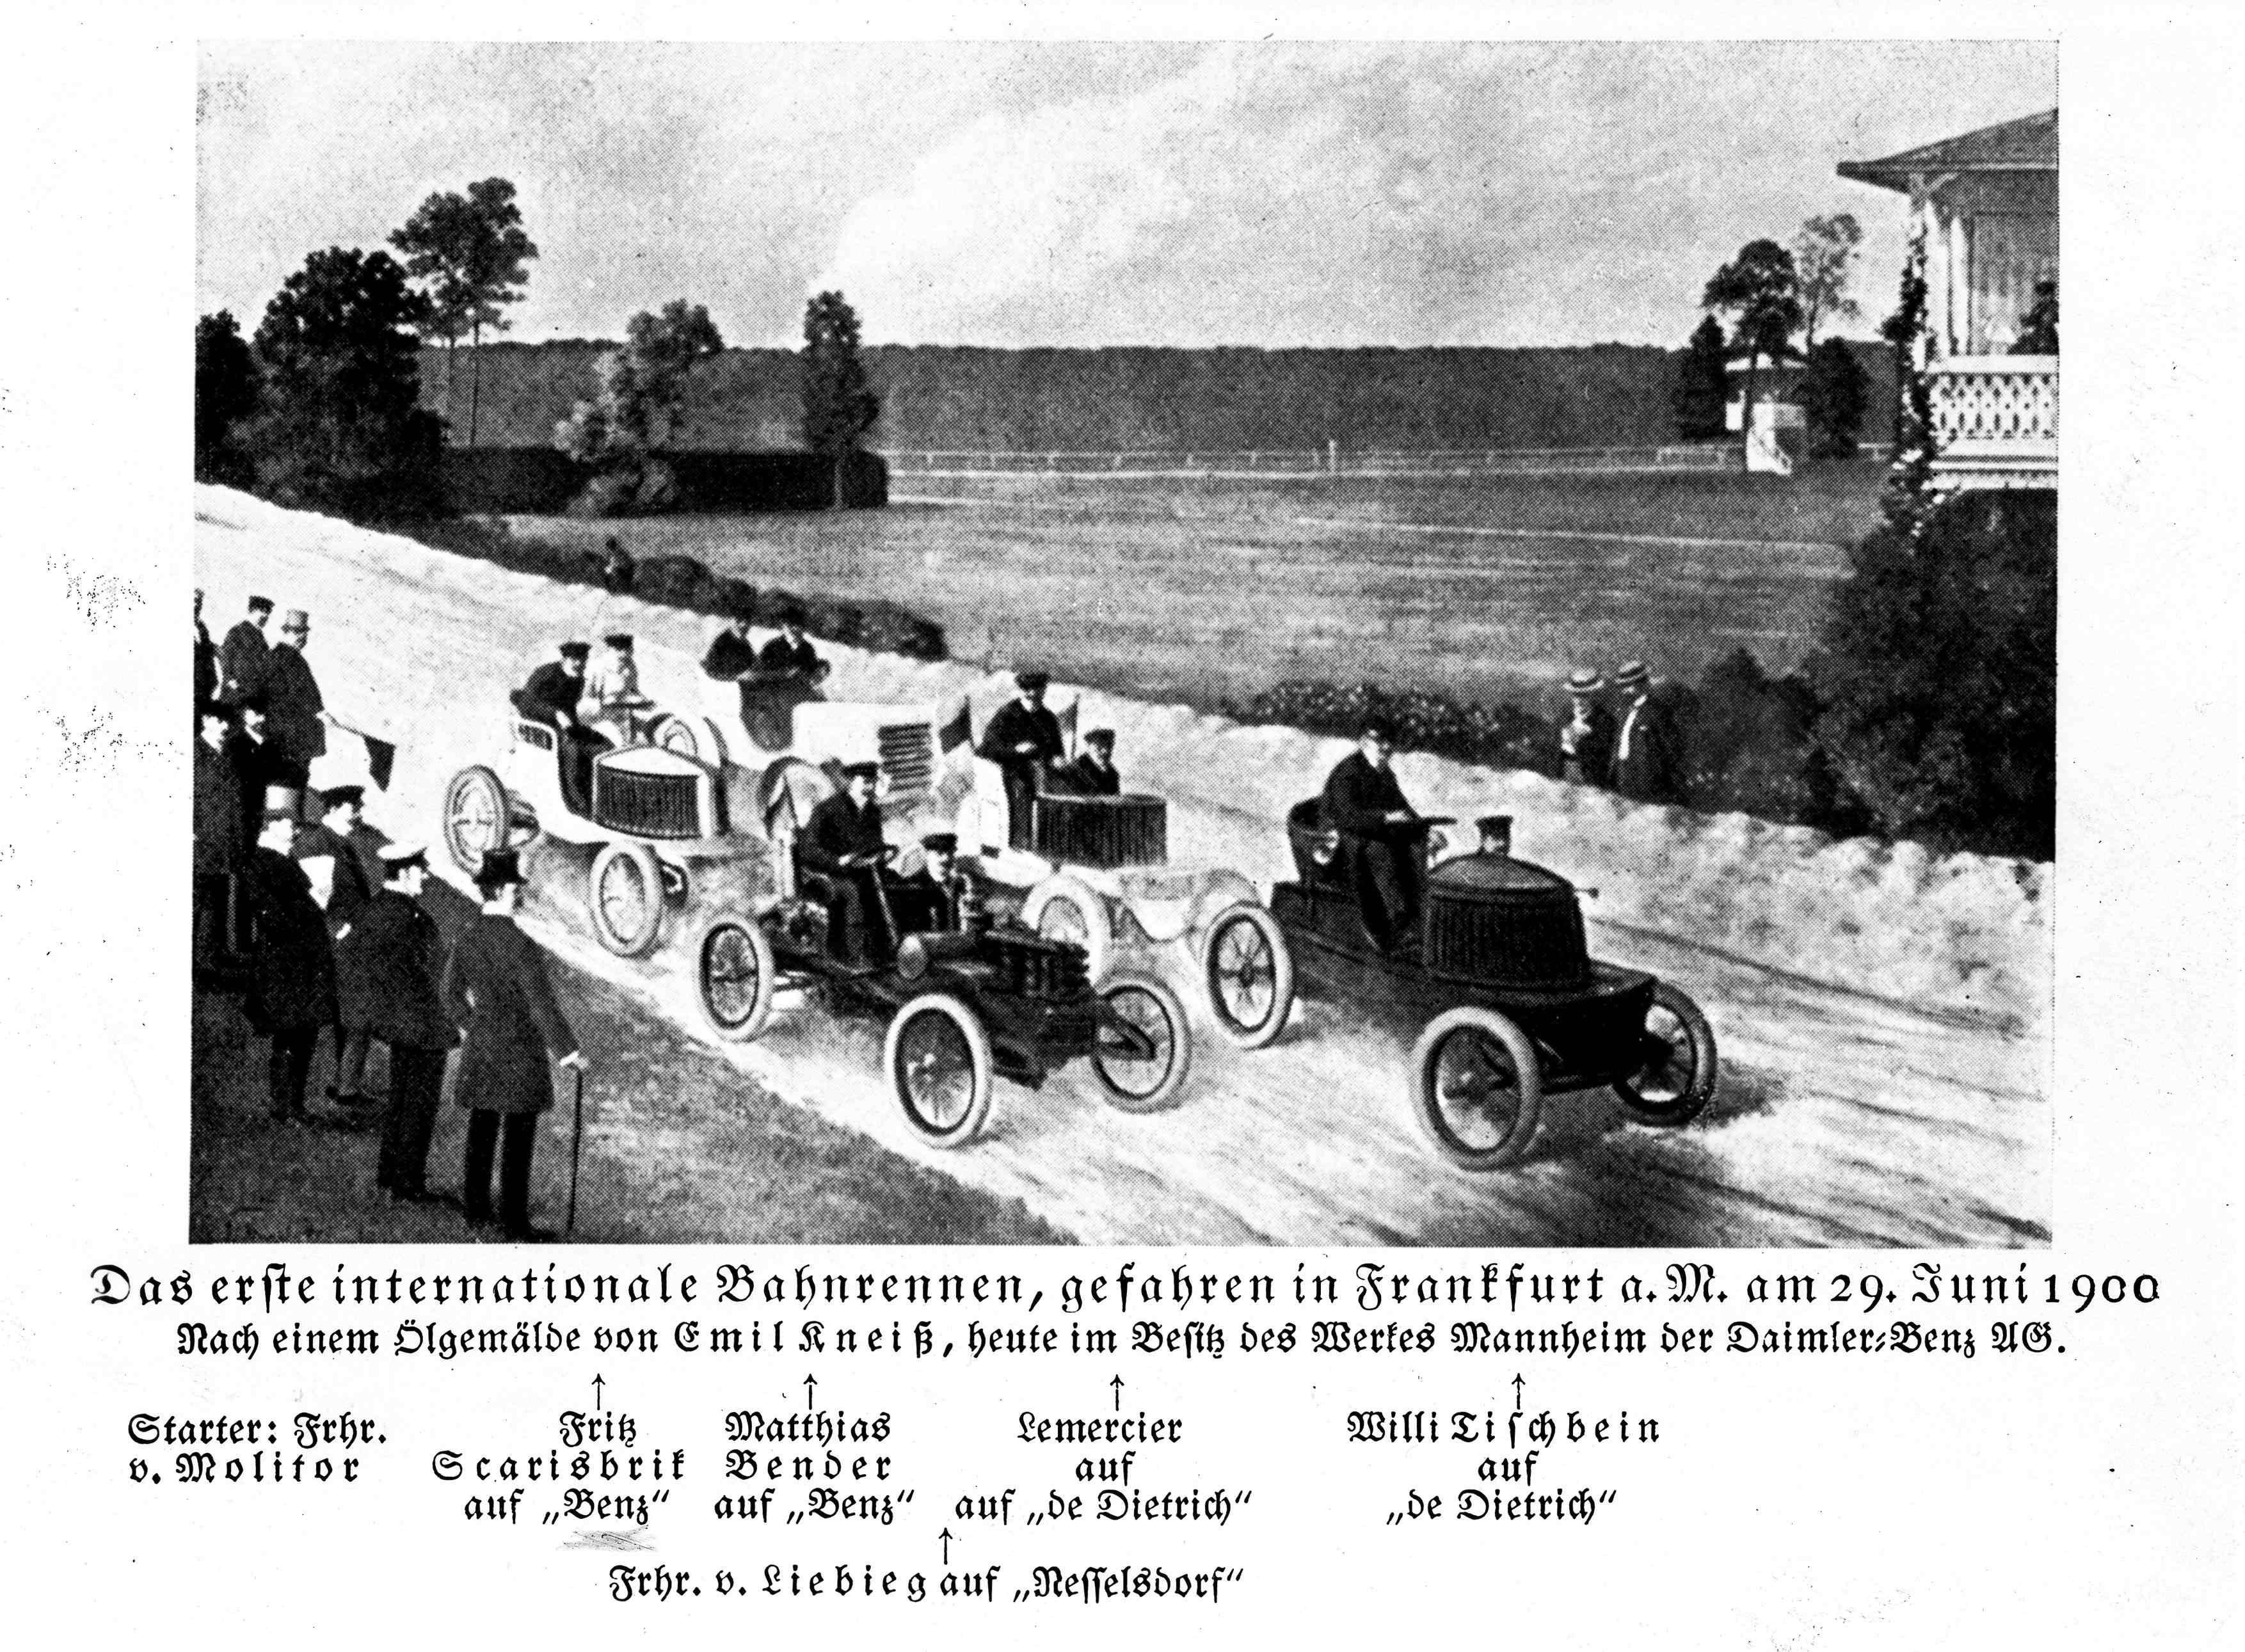 Am 29. Juli 1900 beim Frankfurter Automobil-Rennen (Kneiß-Gemälde)